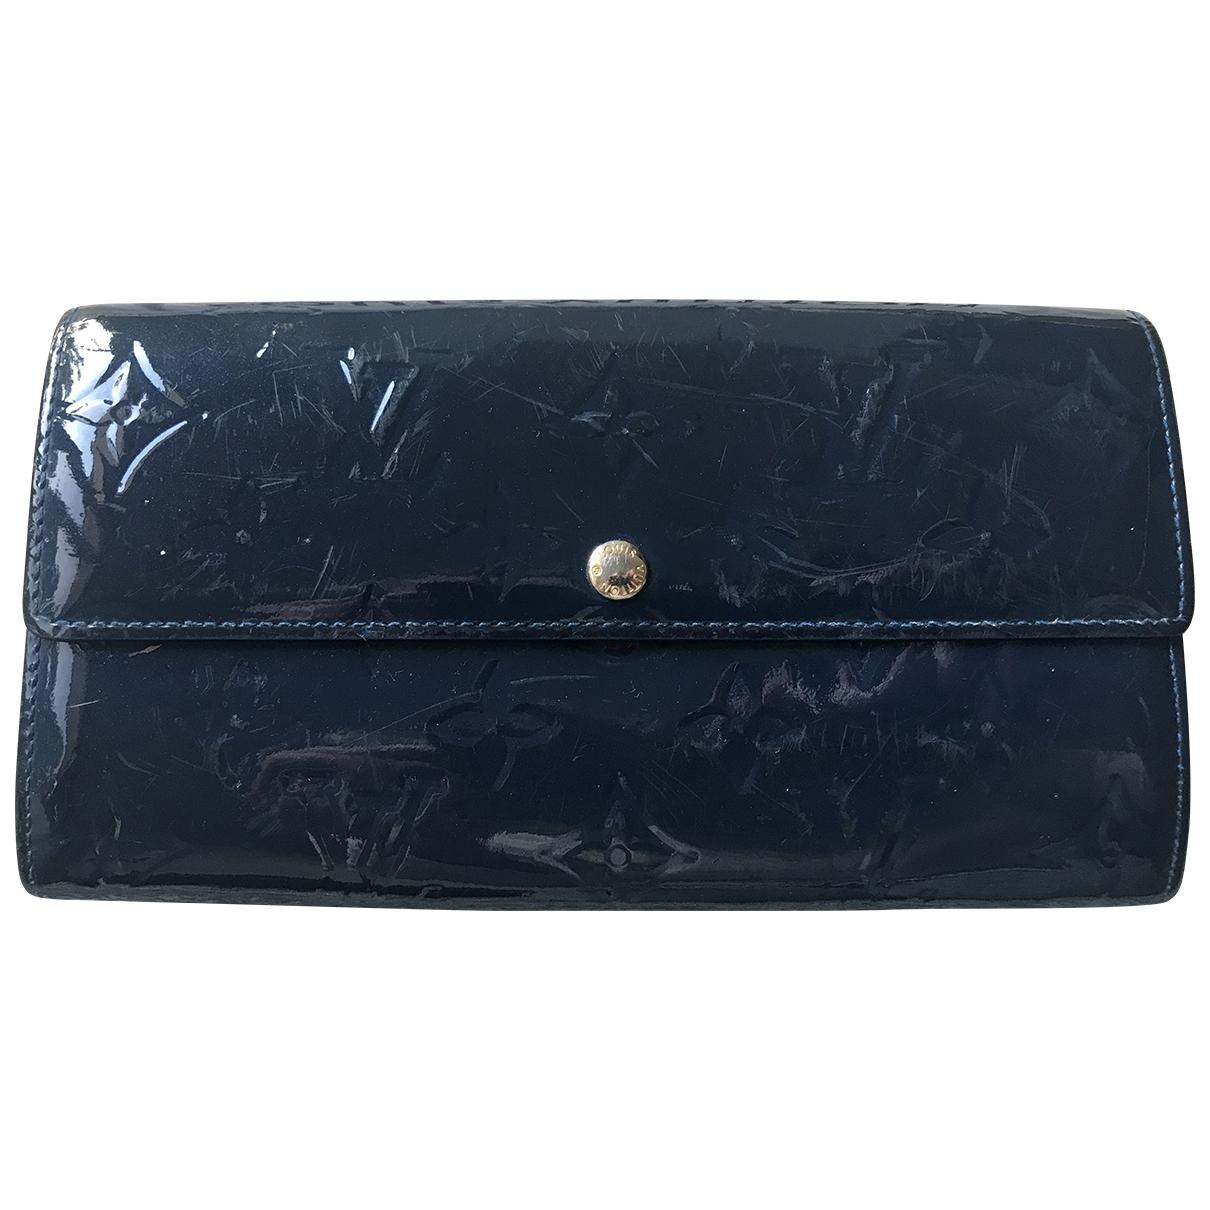 Louis Vuitton - Portefeuille Virtuose pour femme en cuir verni - marine